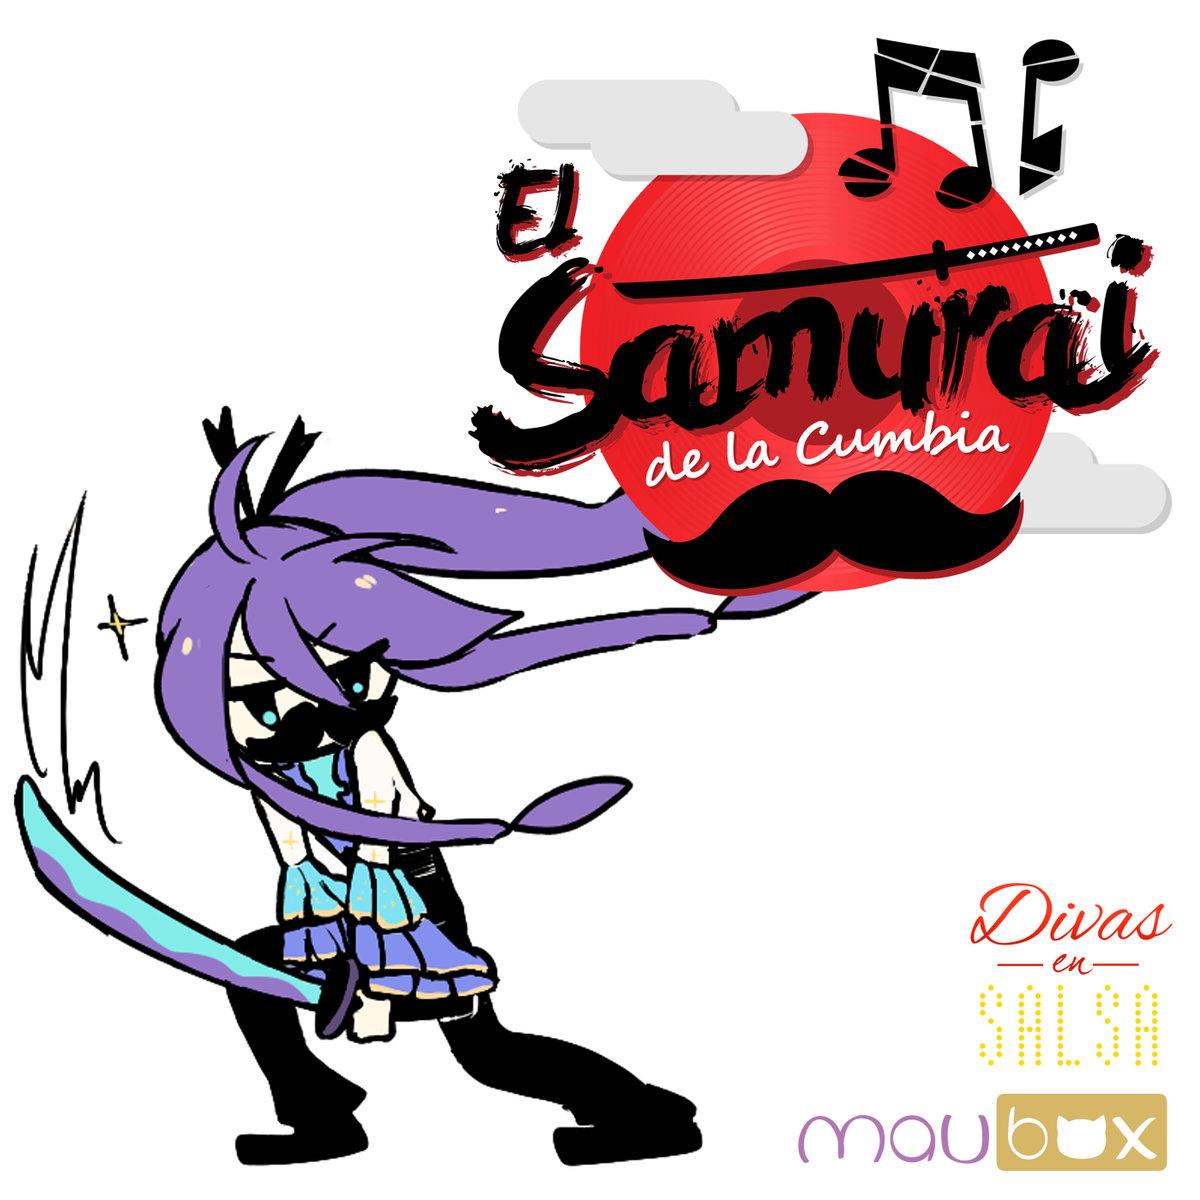 El Samurai de la Cumbia